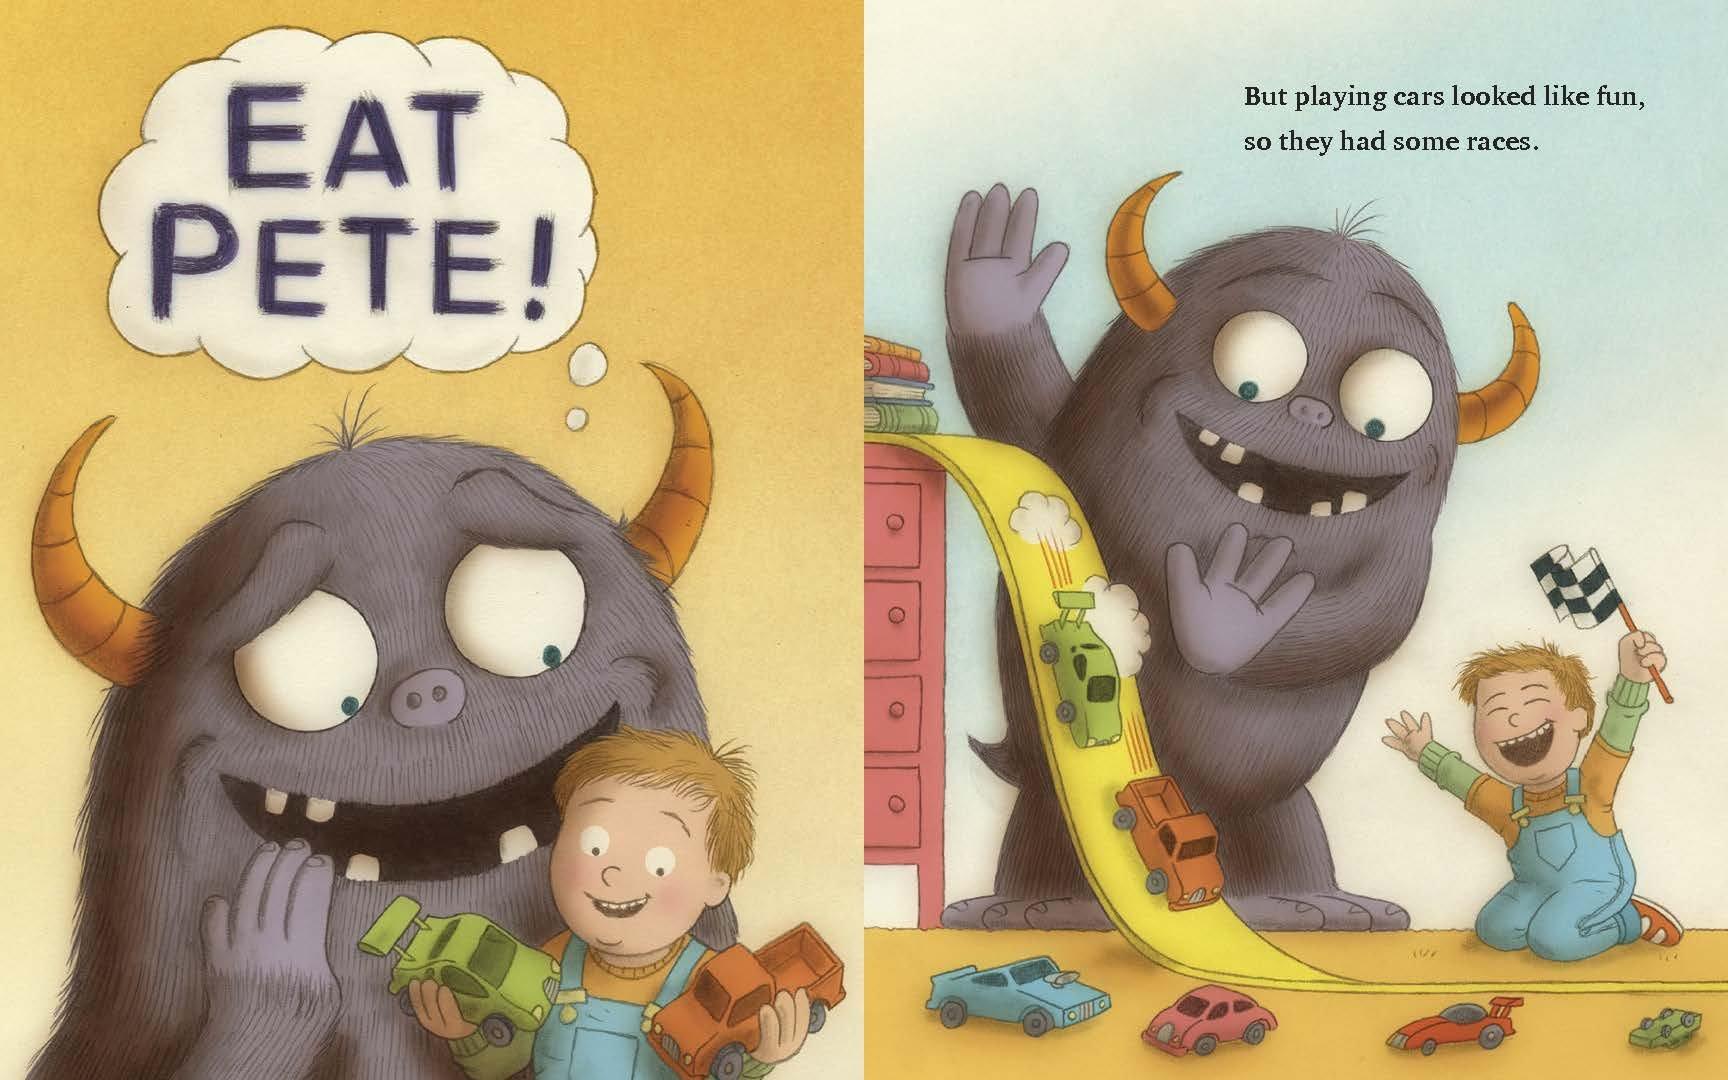 Eat Pete - Sách tranh có twist ending - kết thúc bất ngờ (Ảnh: WeShop)